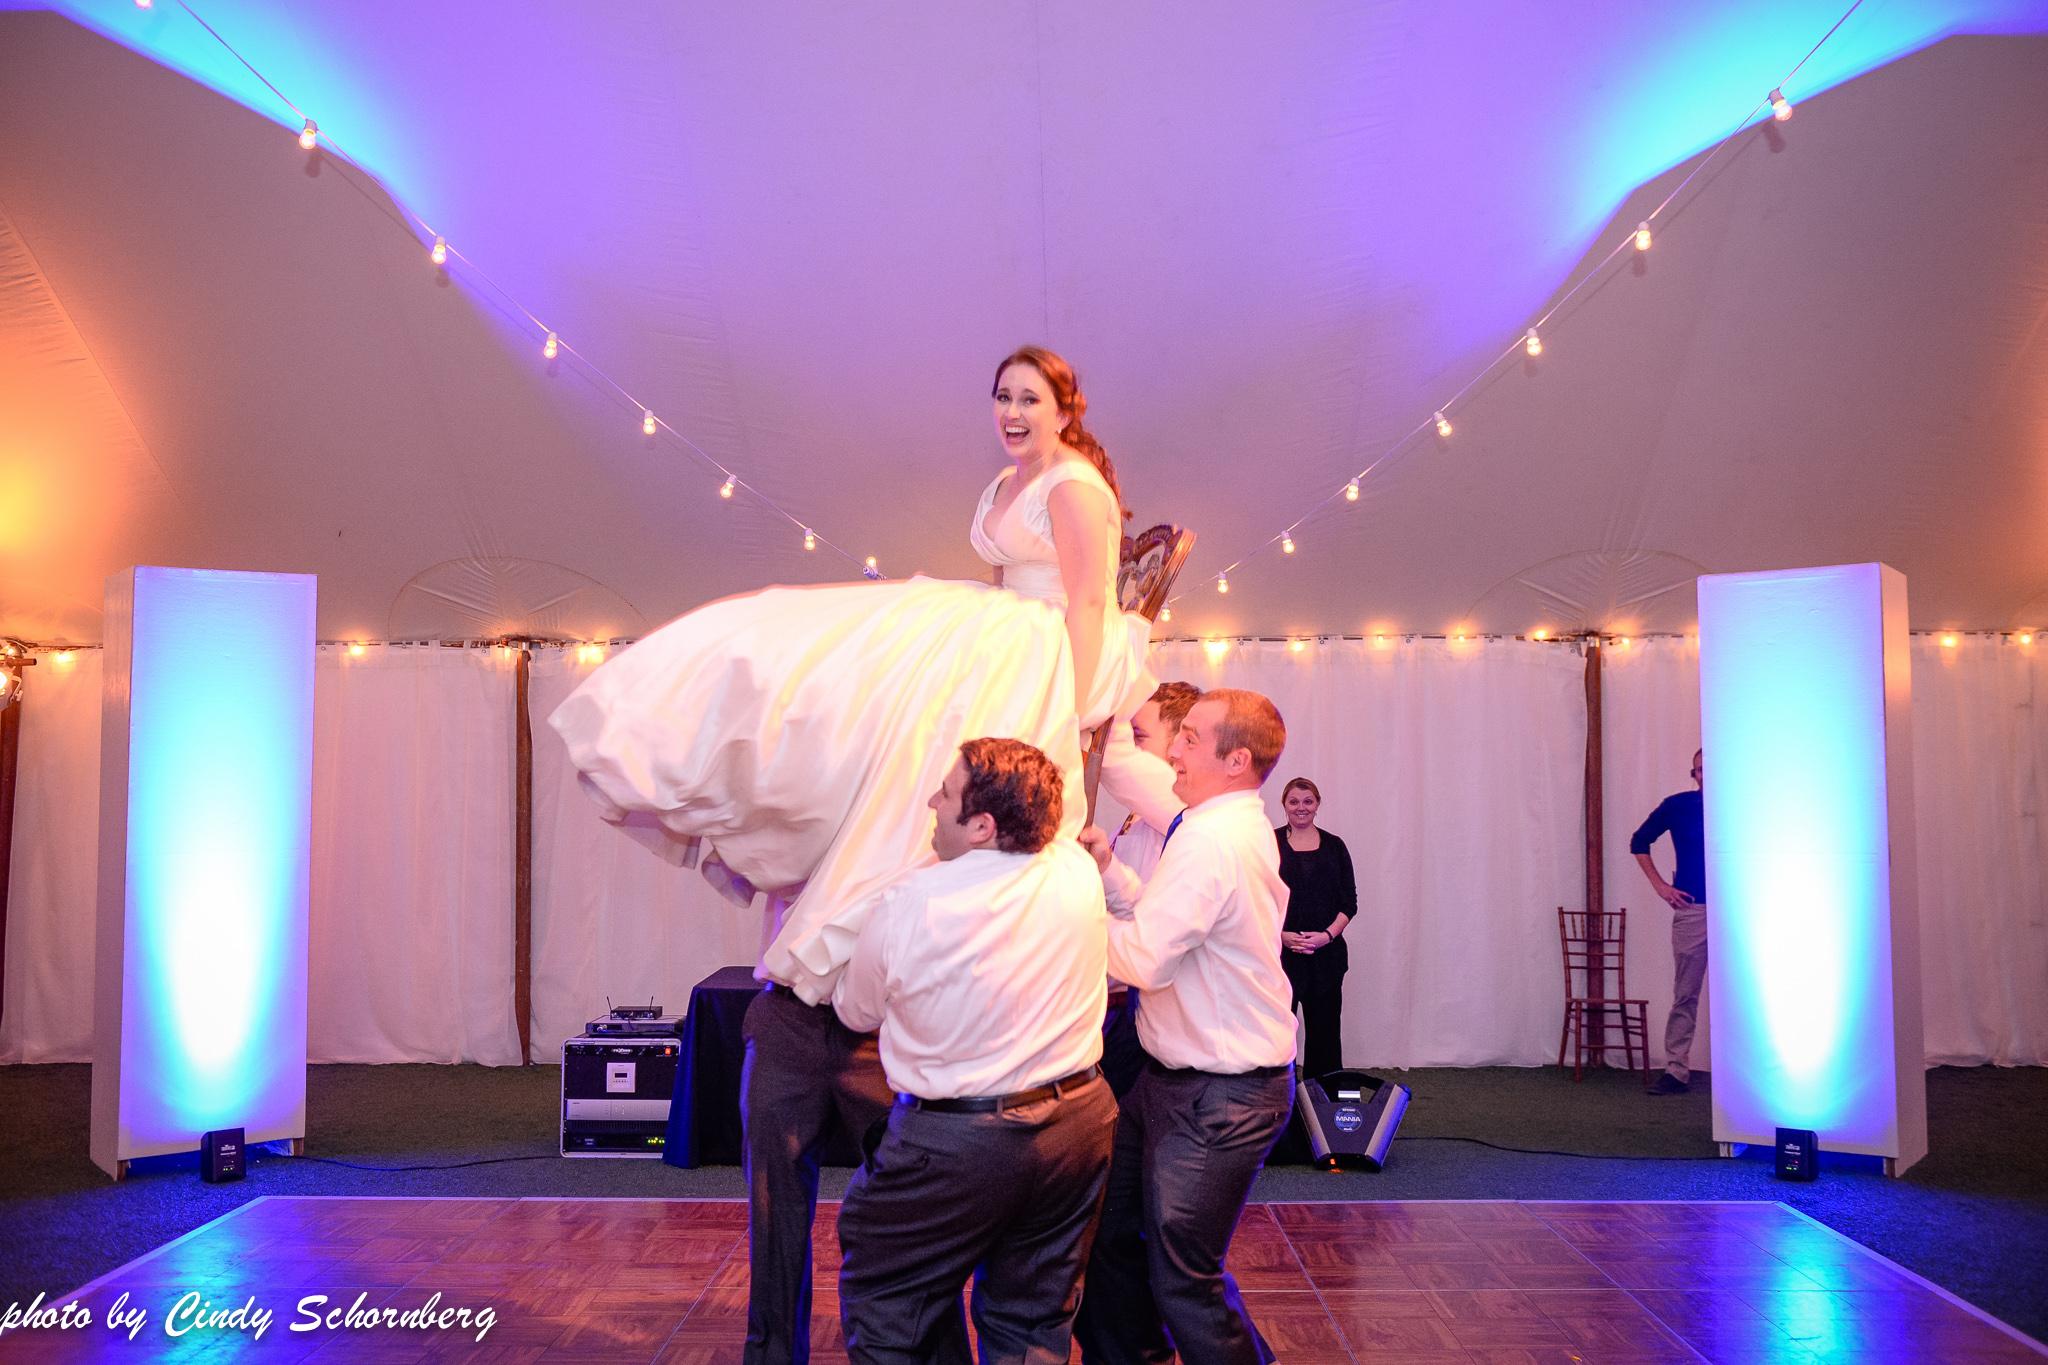 virginia_vineyard_wedding_018.jpg